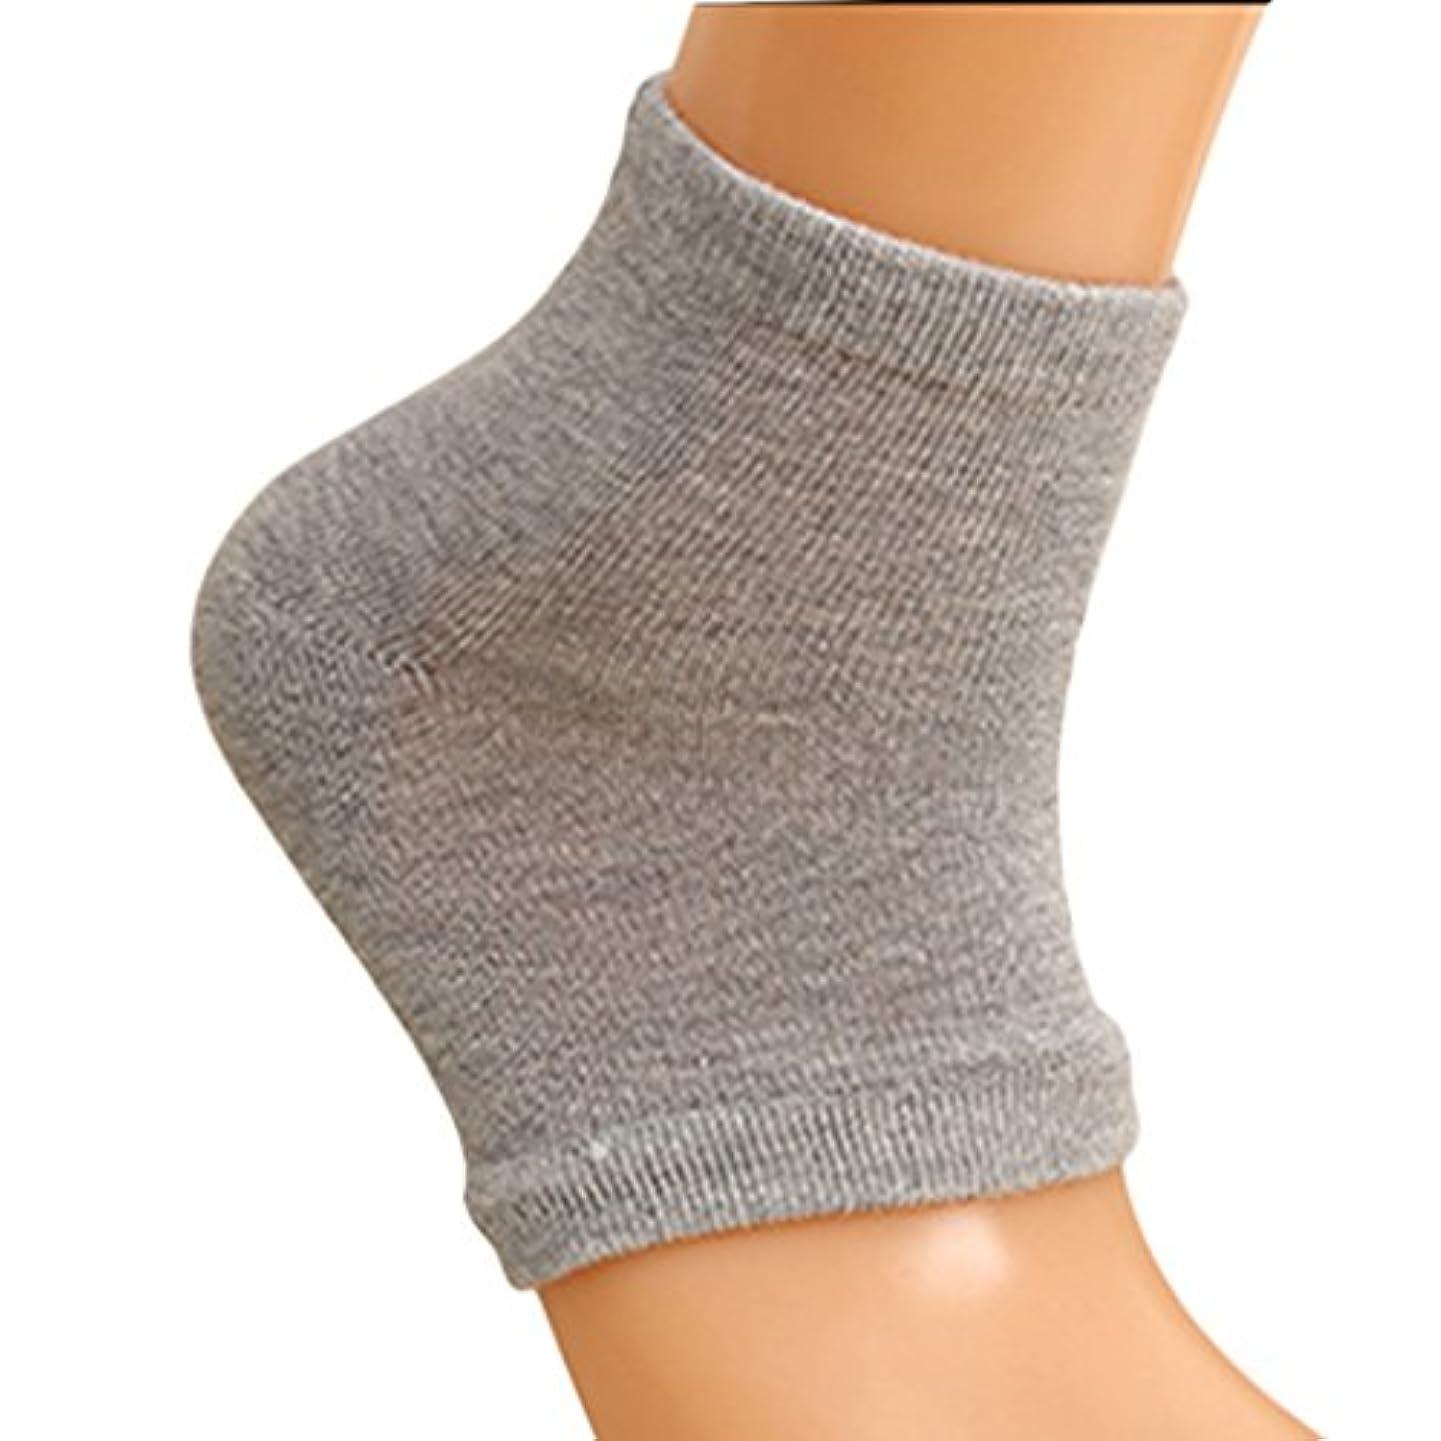 目的いろいろより良いSeliyi 2色組 靴下 ソックス レディース メンズ 靴下 つるつる 靴下 フットケア かかとケア ひび 角質ケア 保湿 角質除去(ピンク+グレー)